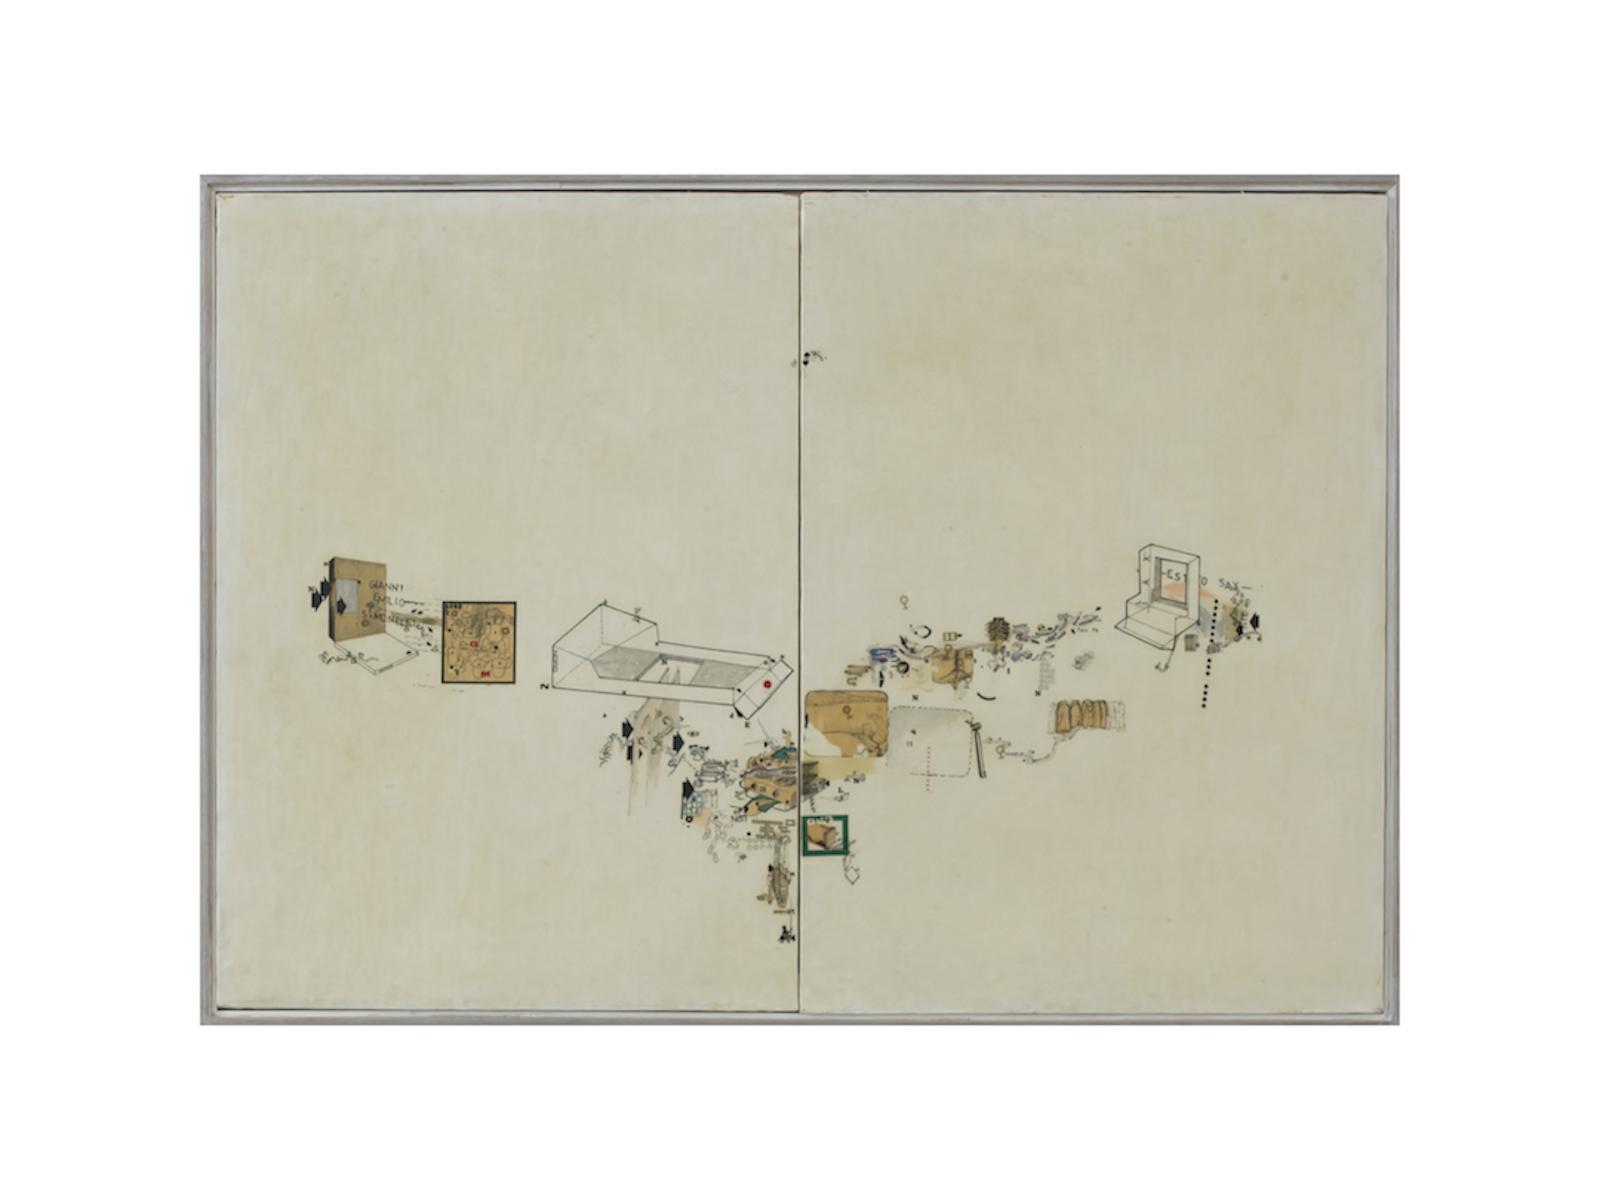 Simonetti, ES (to) SAY, 1966, tecnica mista su tela, cm 70x100